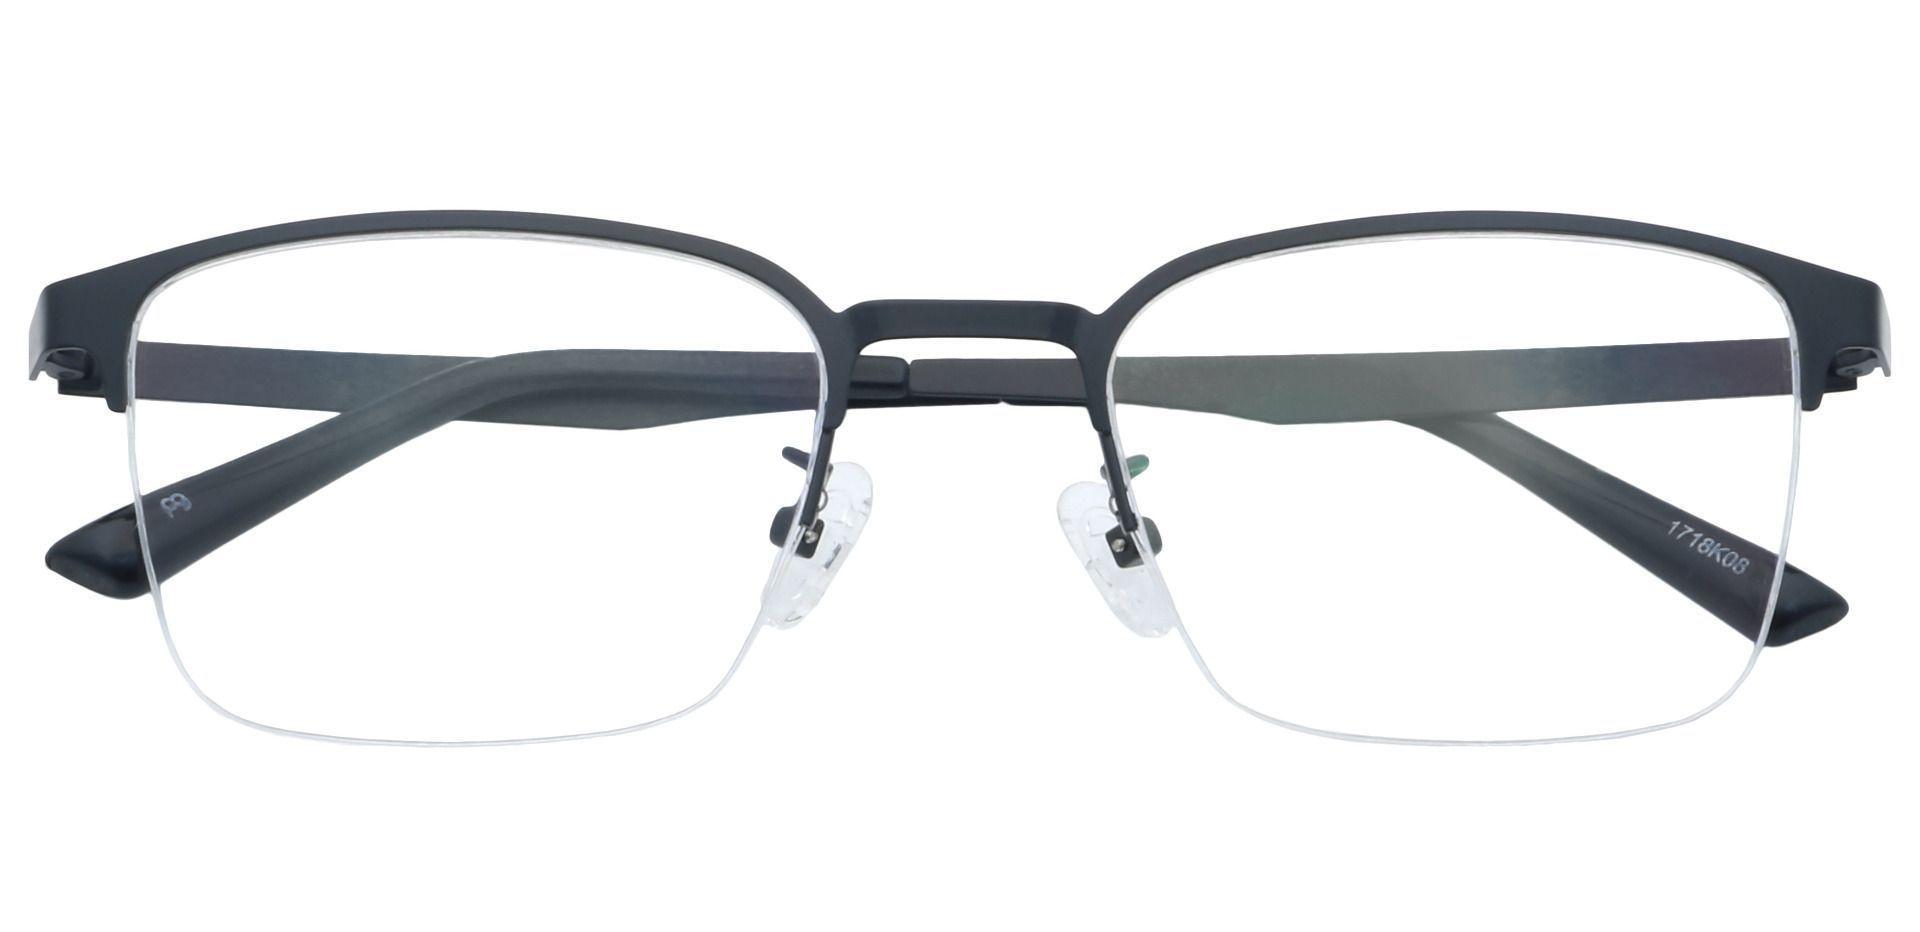 Eden Square Prescription Glasses - Black